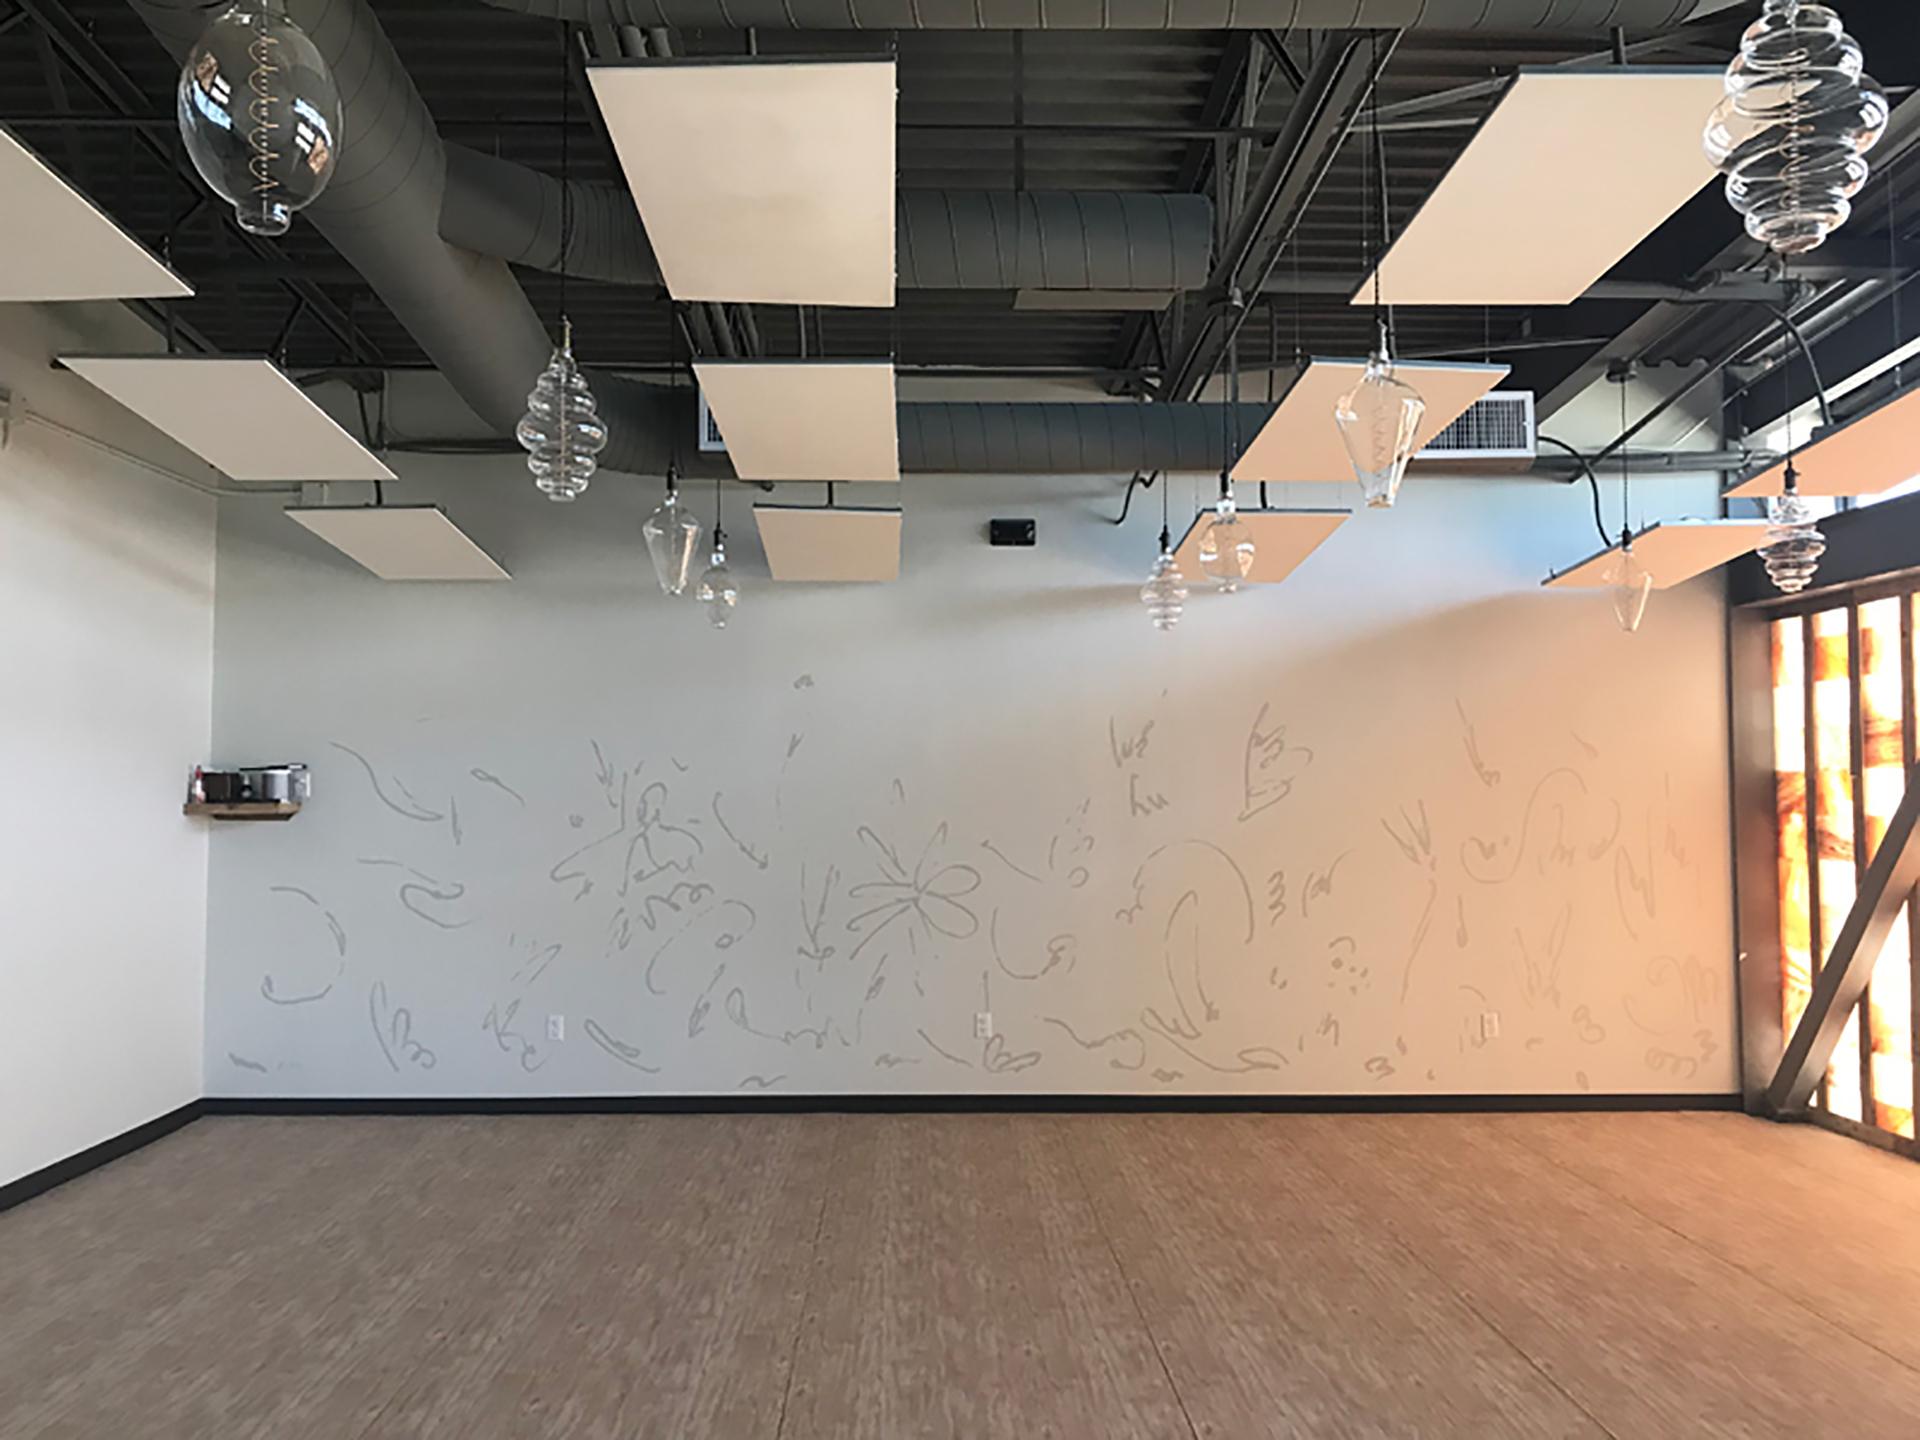 yoga mural - calm mural - custom mural - mural - Dace Kidd - Mural Artist Tx